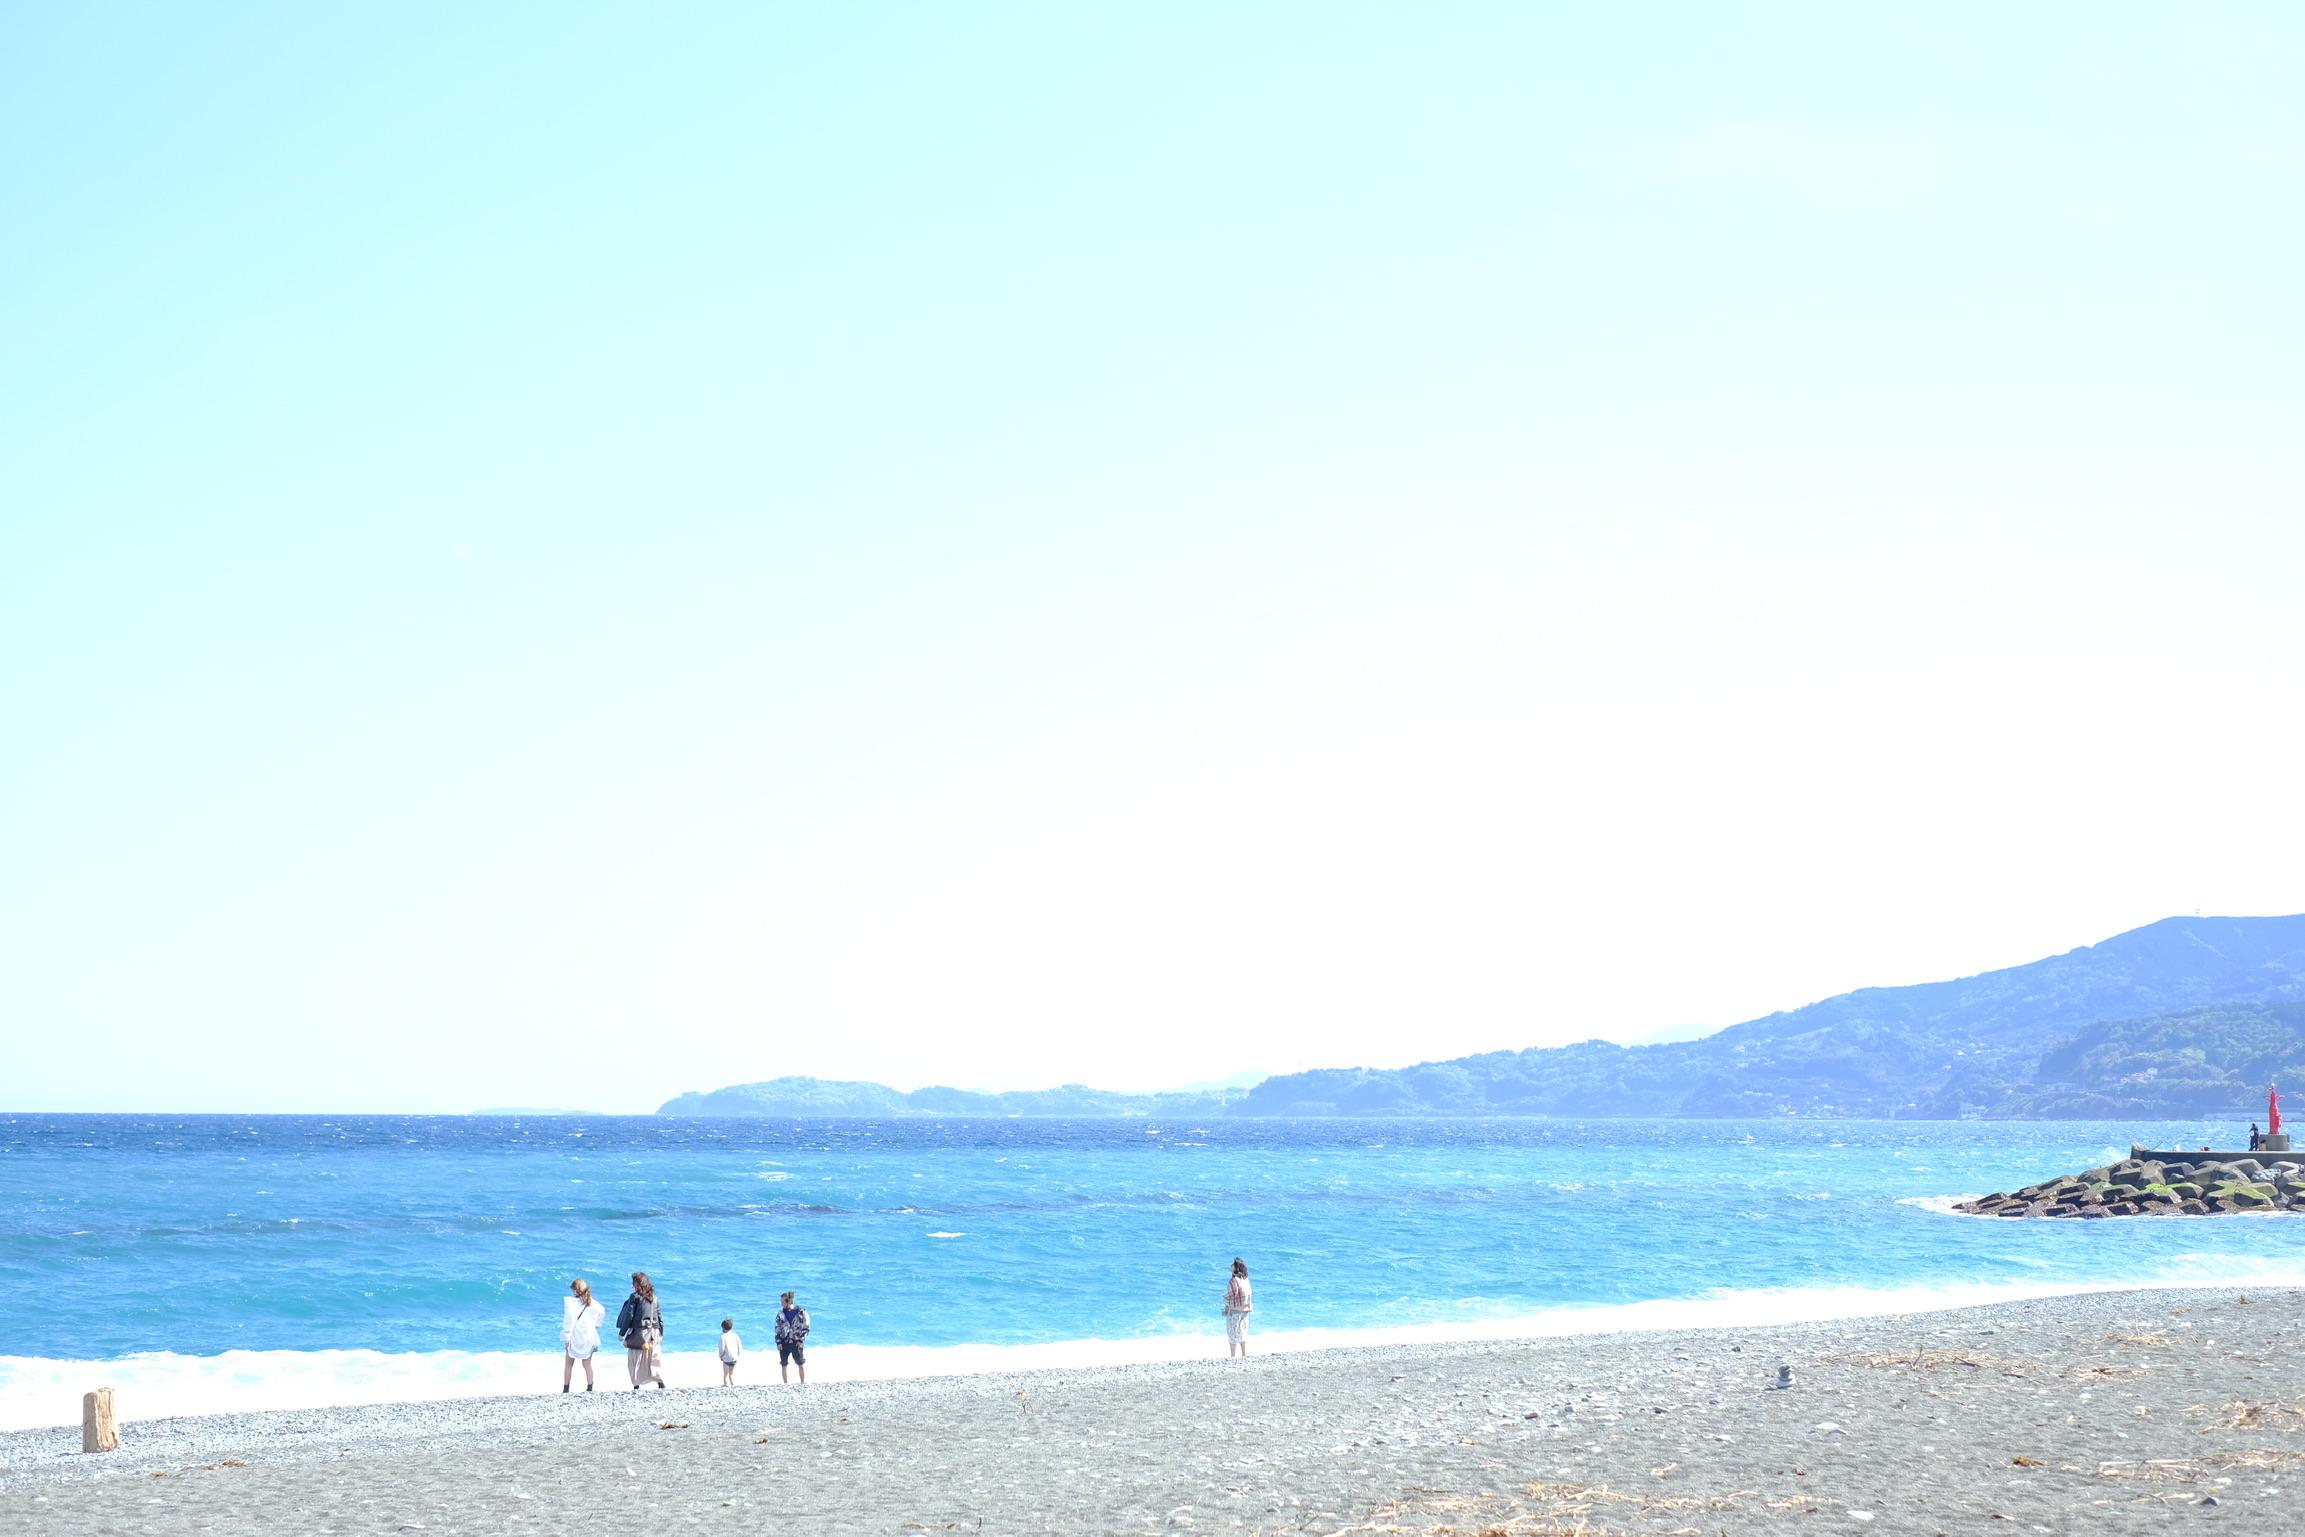 海も山も温泉も、子育ても!都心から新幹線で約30分、コロナ時代の移住先として人気の小田原市の住み心地は?